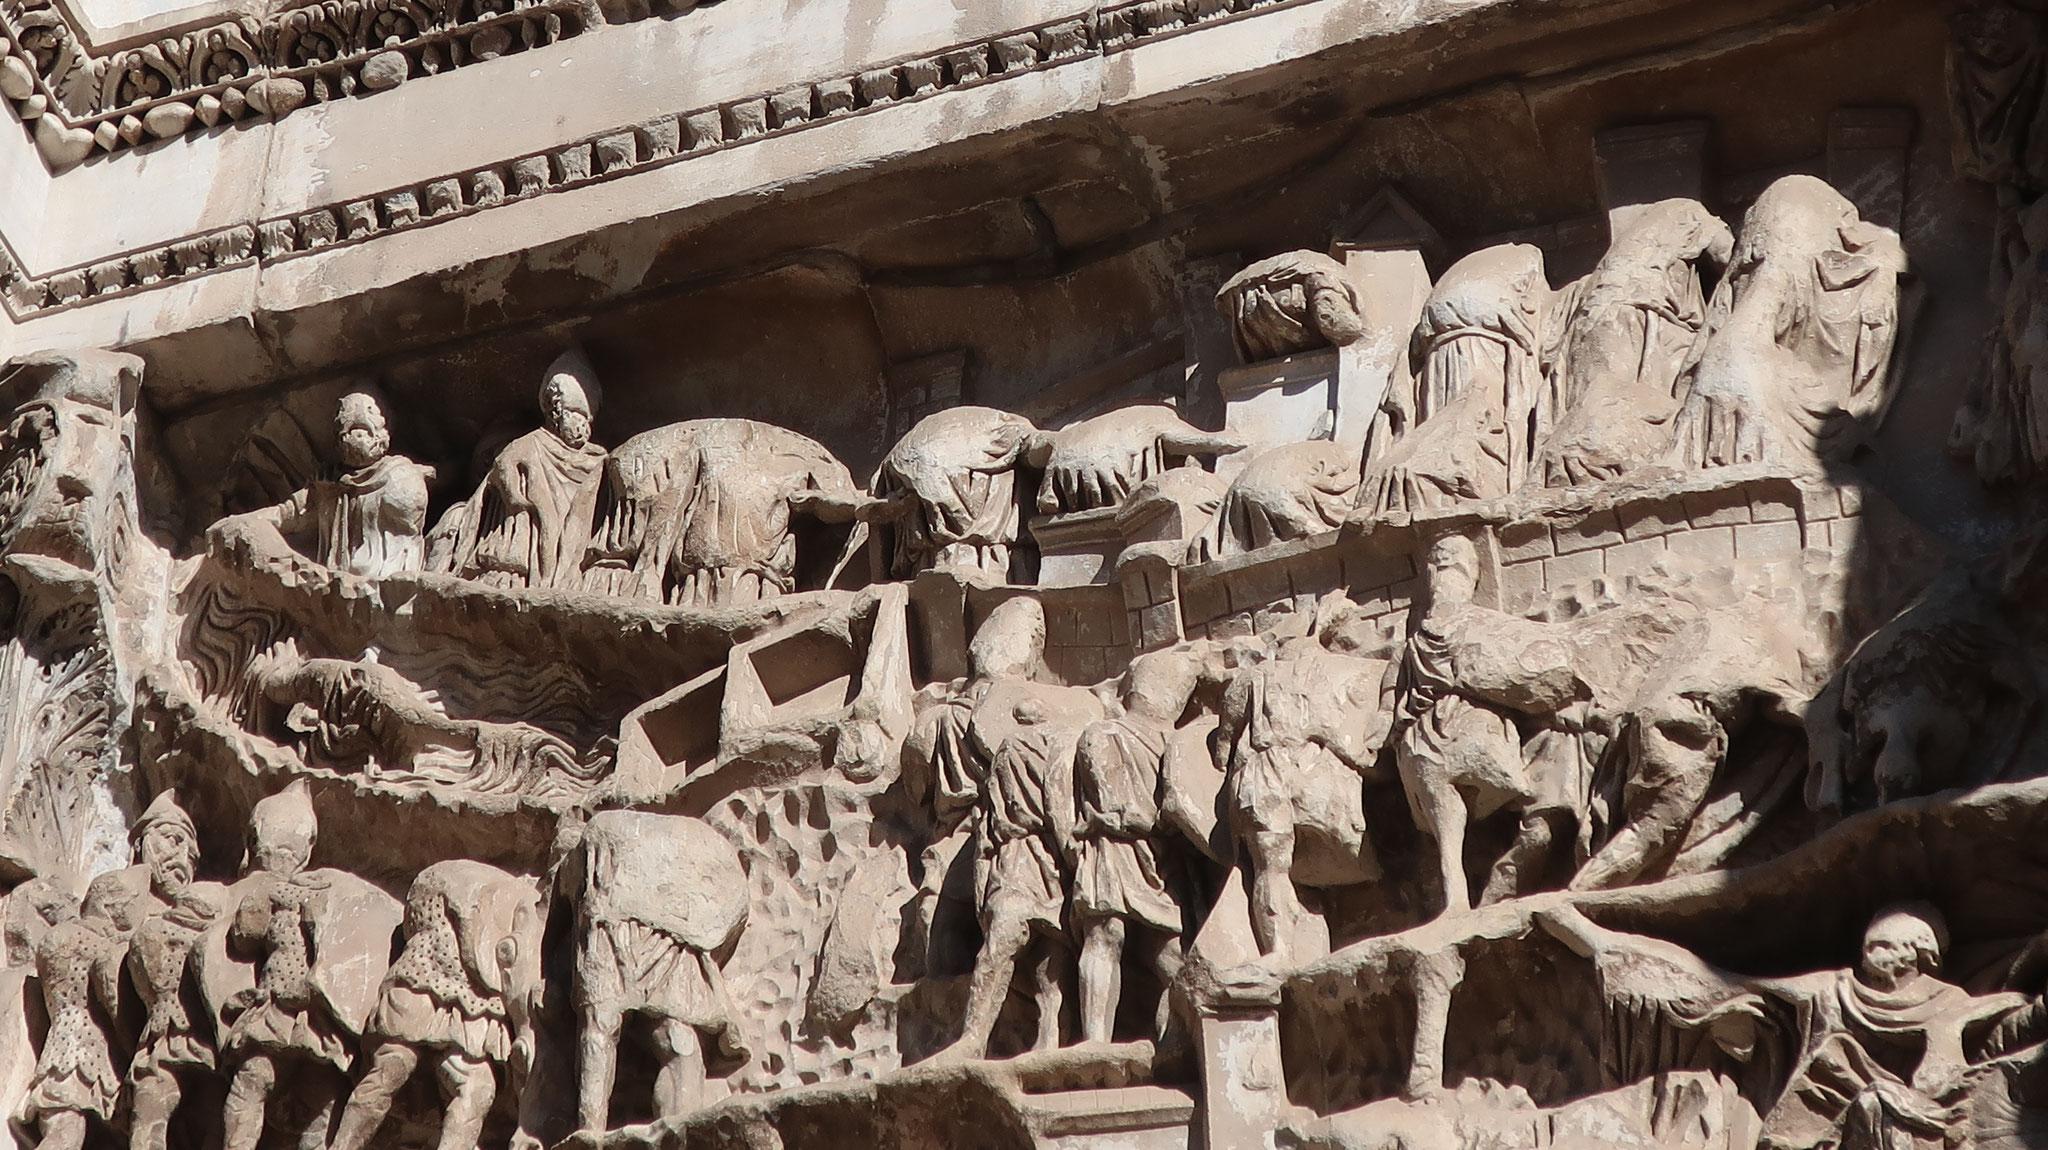 パルティアとの戦いを描いた浮彫は見事です。